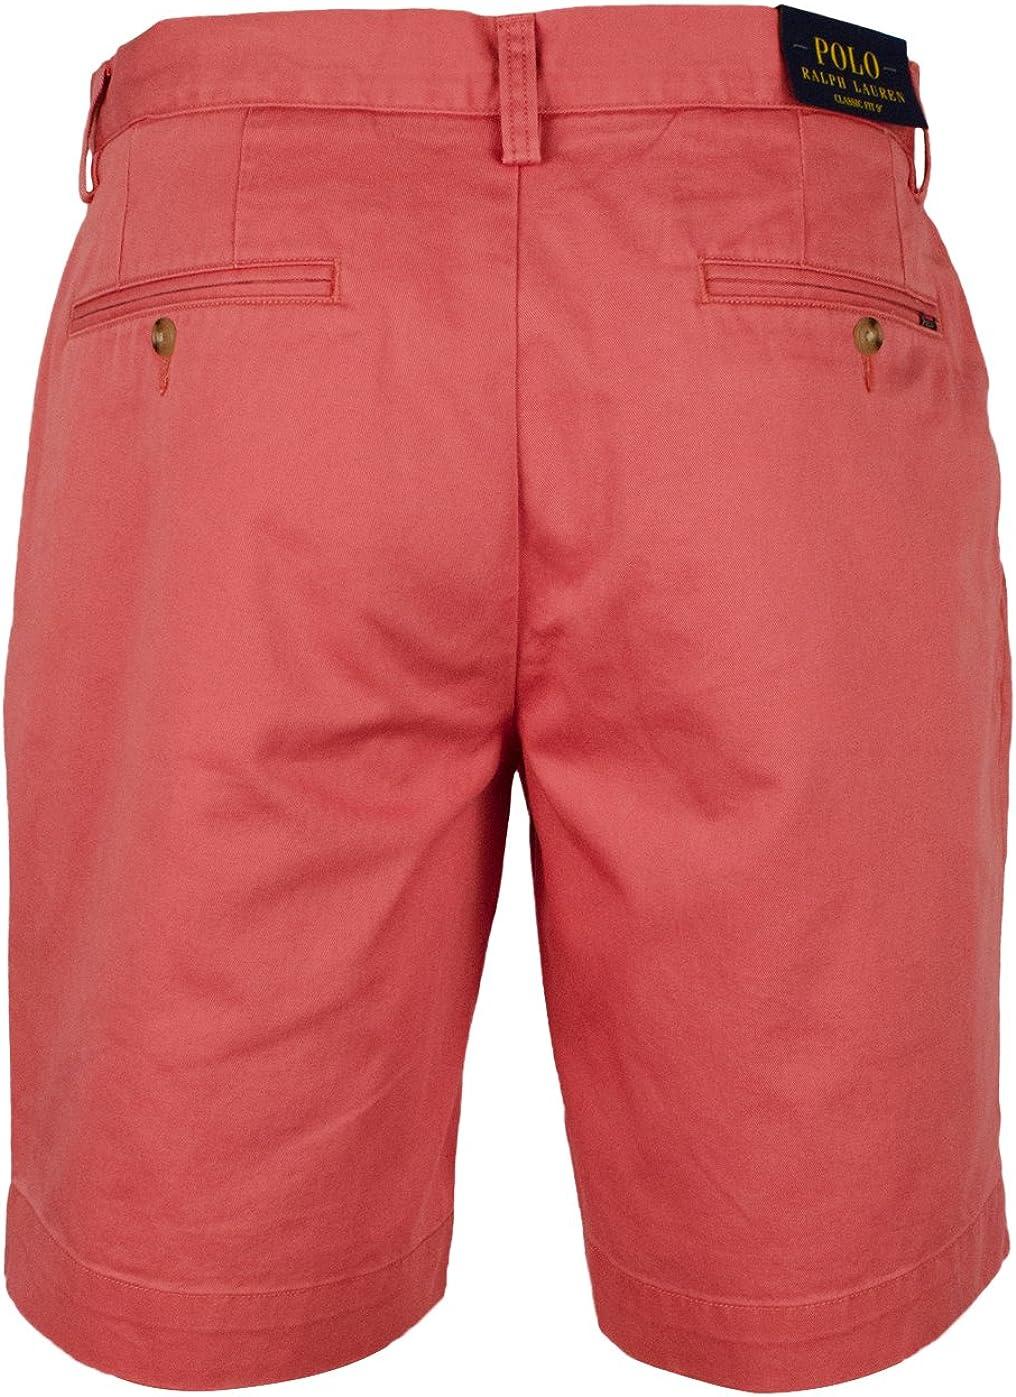 Camiseta de polo Ralph Lauren Classic-Fit flat-front pantalones ...